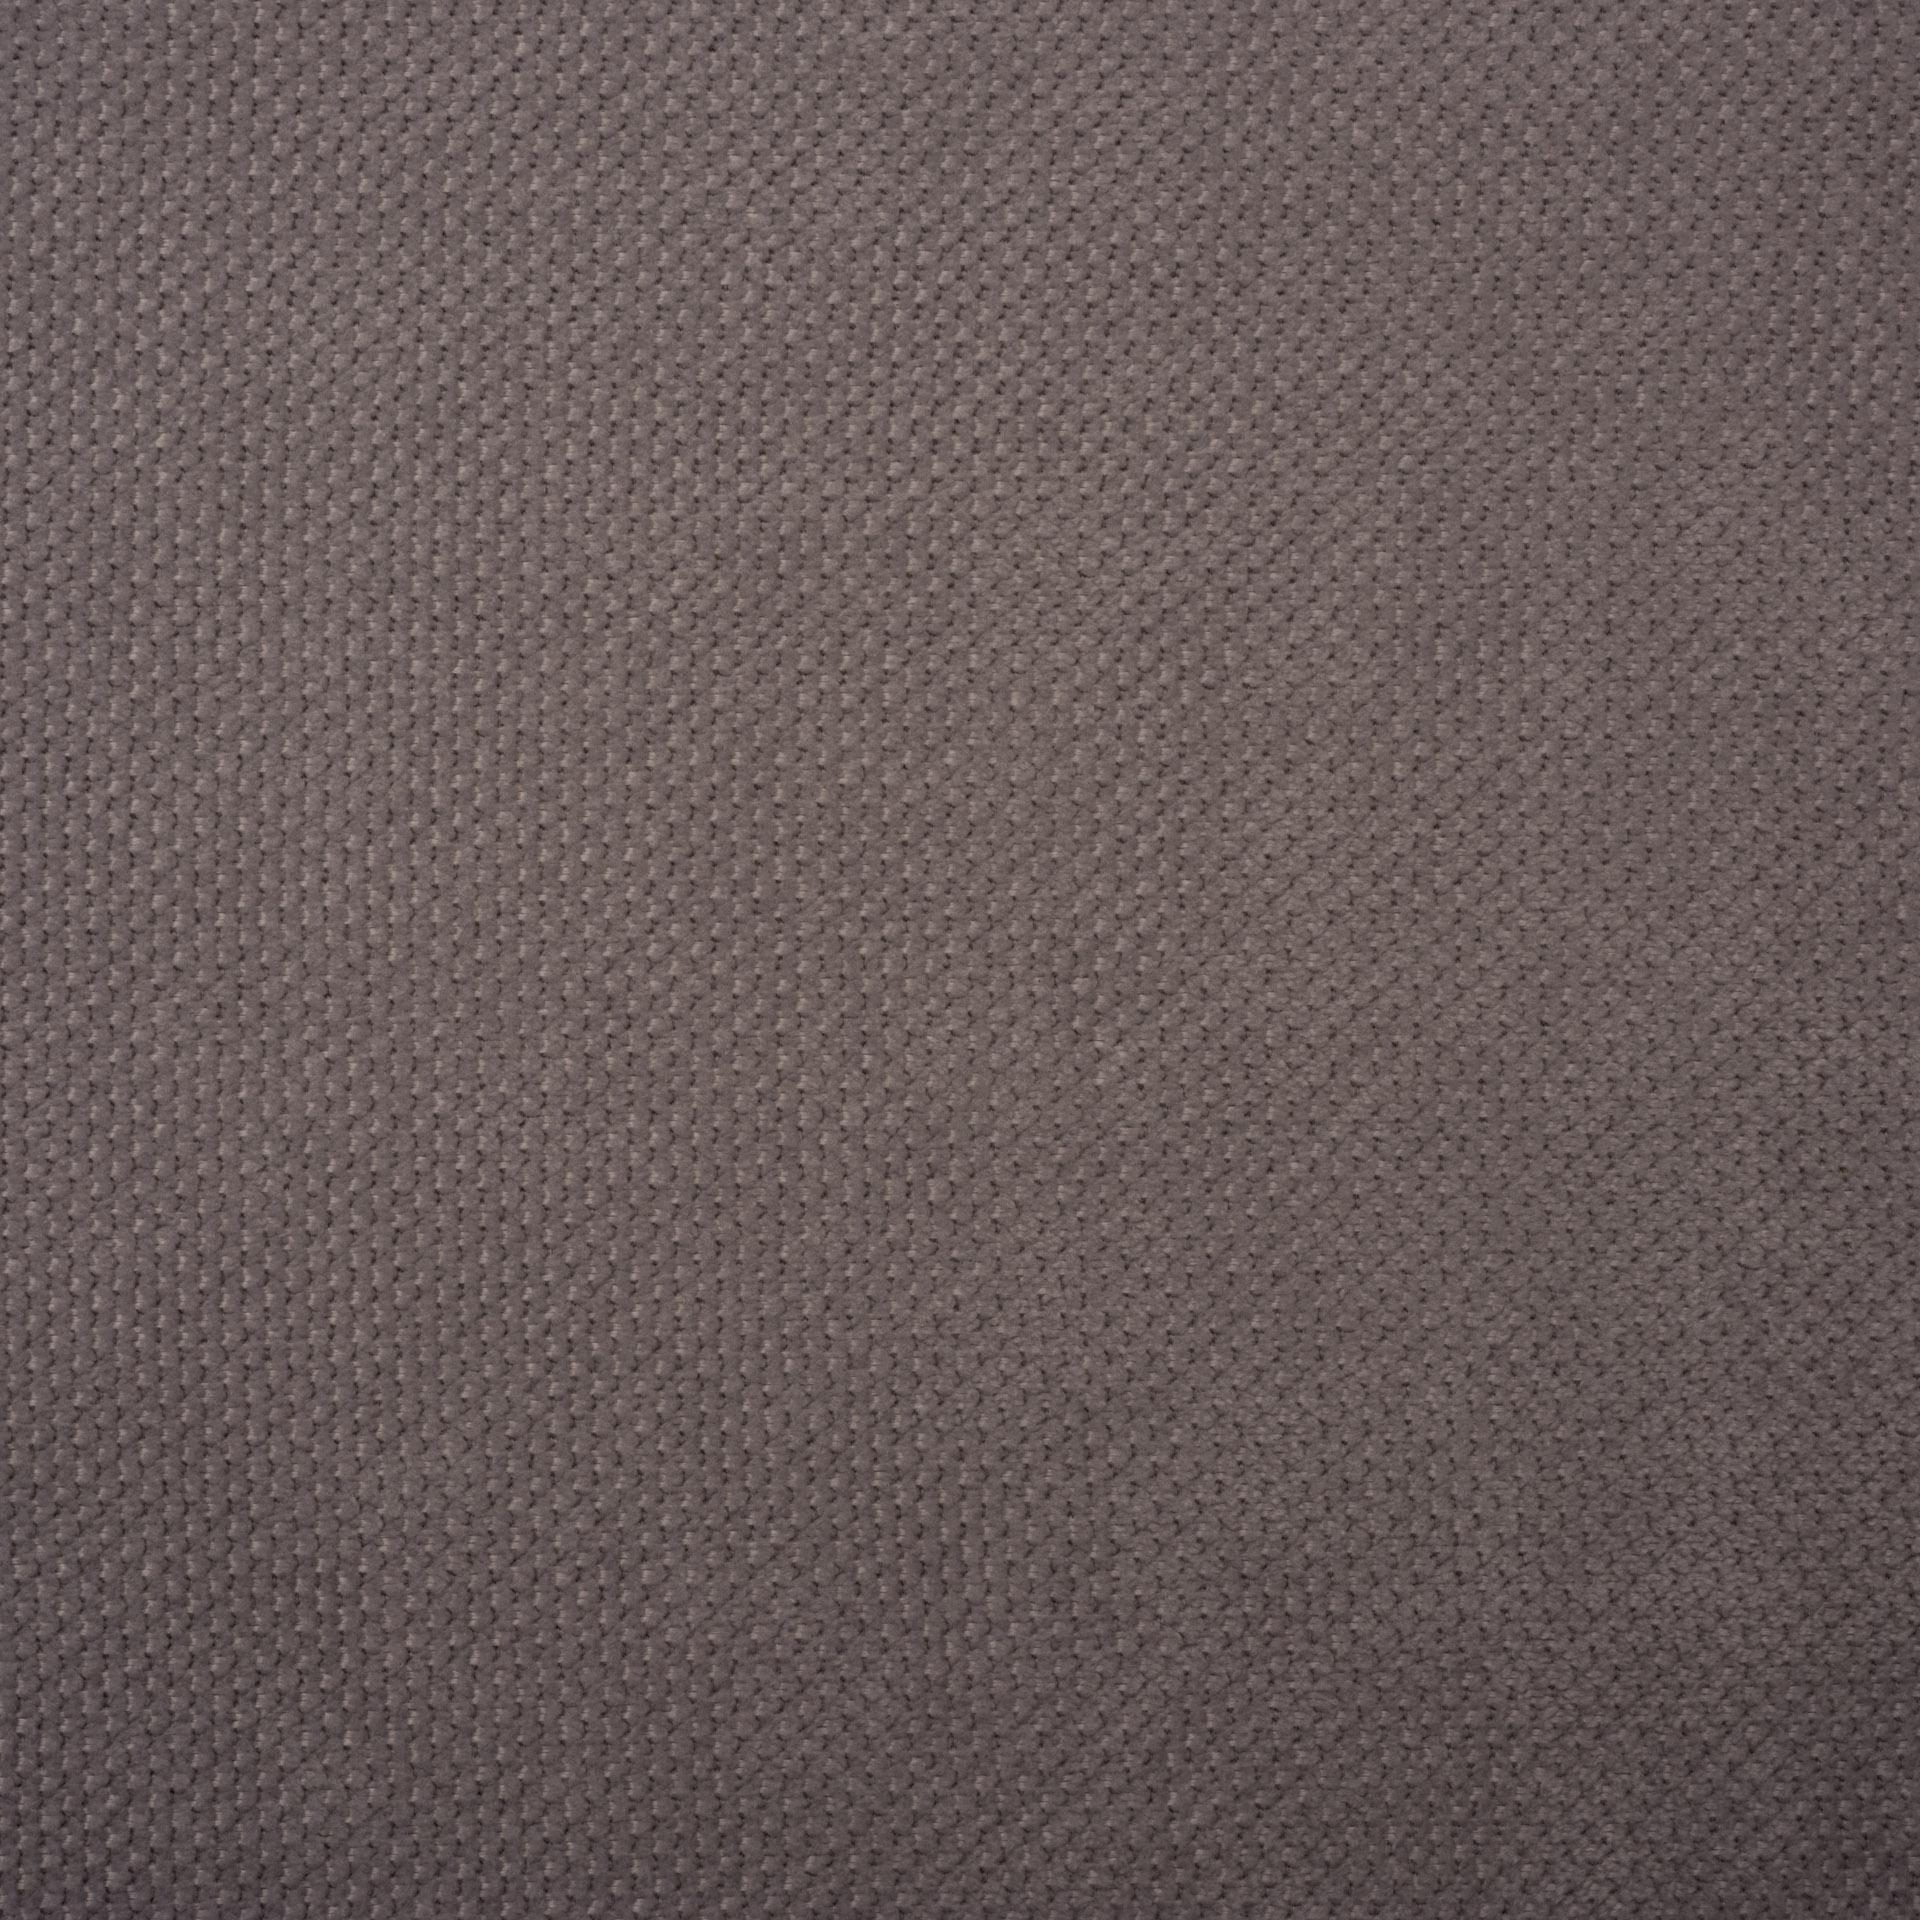 Коллекция ткани Дели 07 GREY,  купить ткань Жаккард для мебели Украина